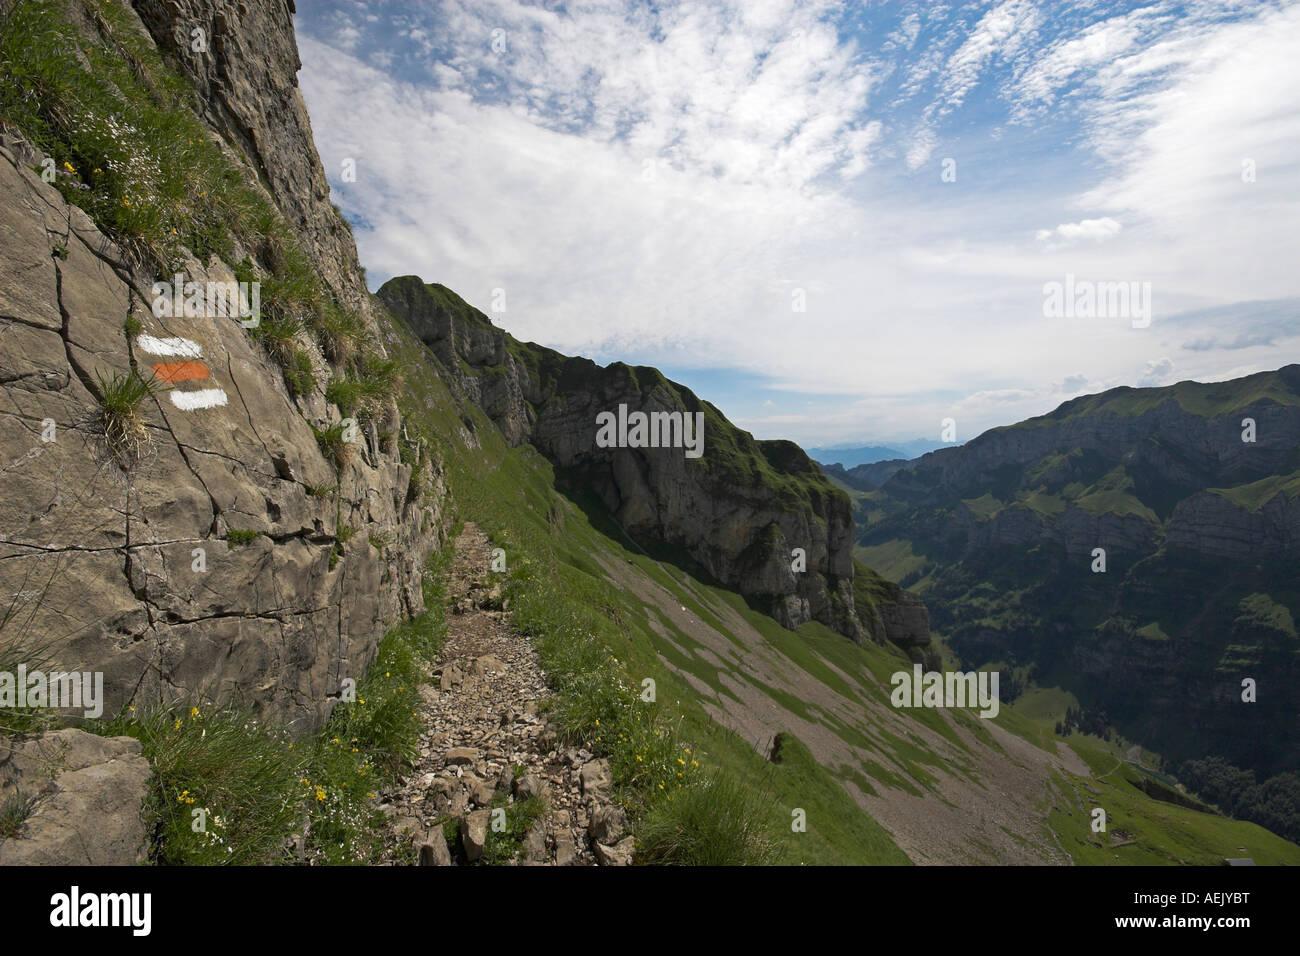 Berg-Weg mit Markierungen im Alpsteingebirge Kanton Appenzell, Schweiz Stockbild